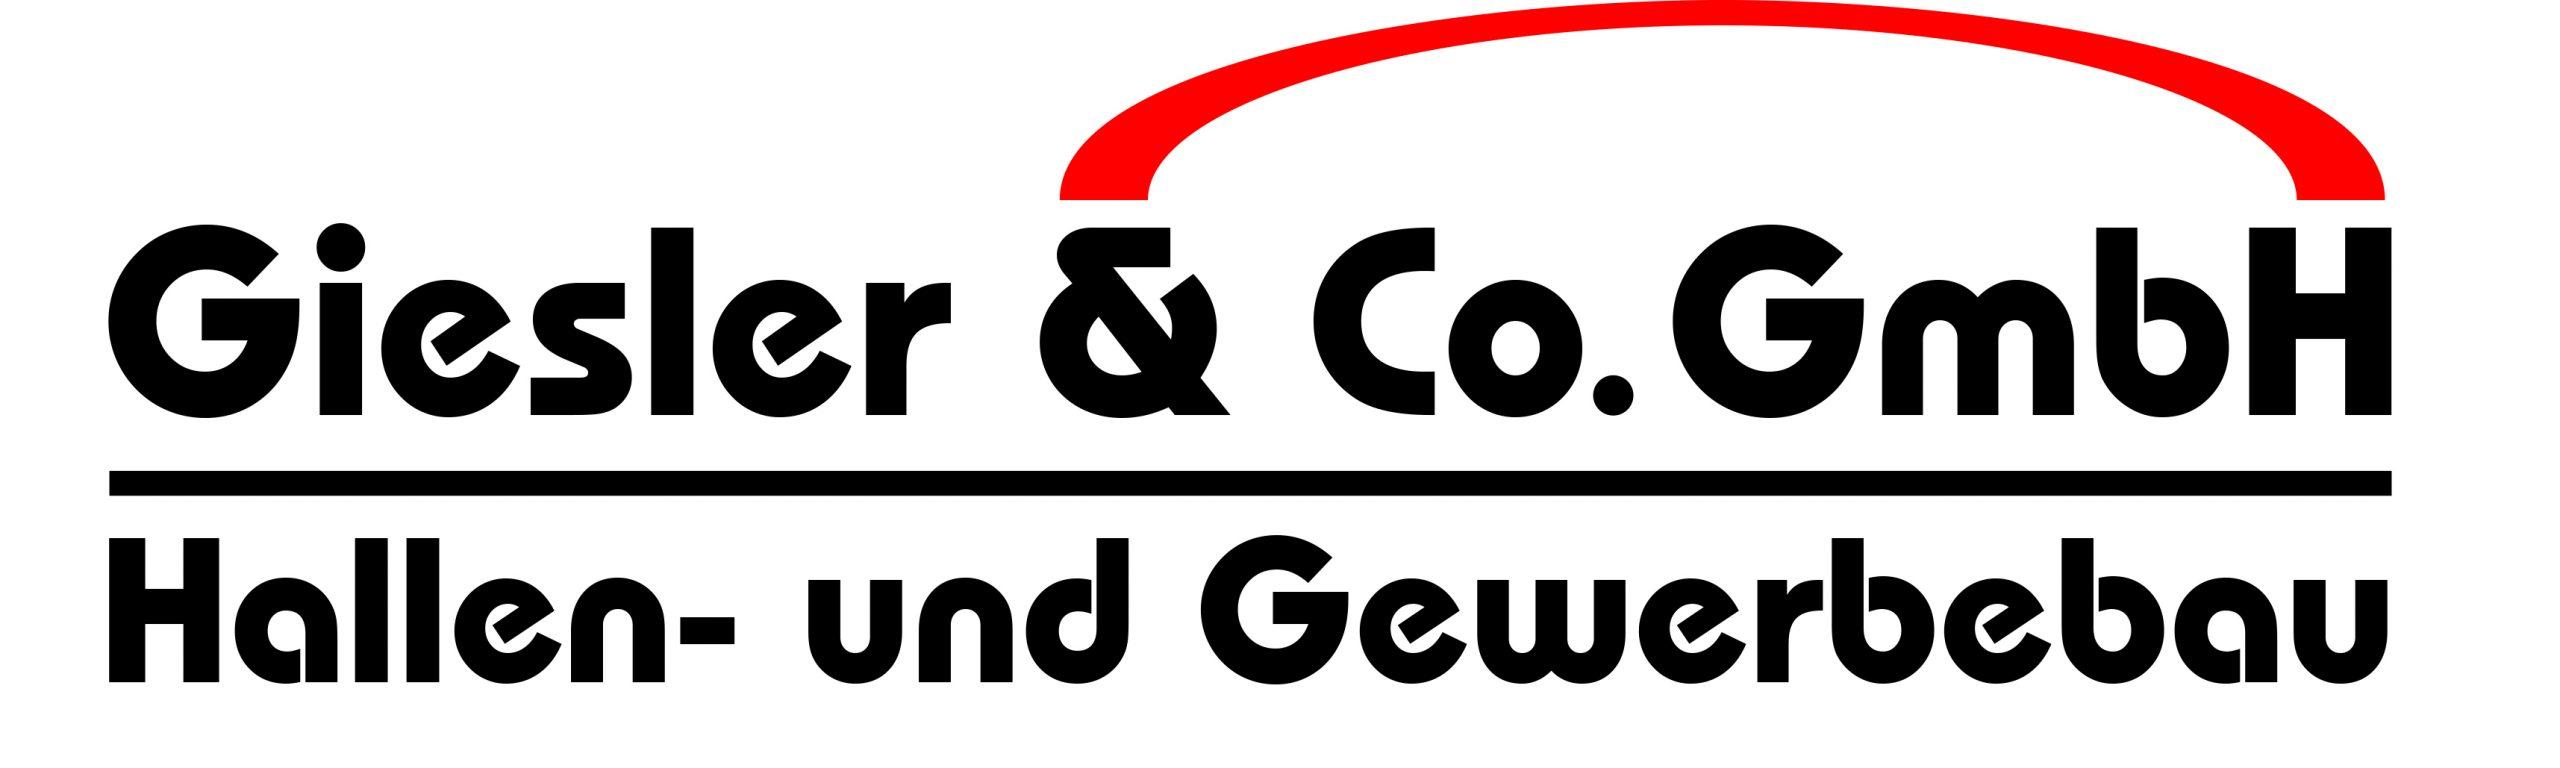 Gieseler & Co. GmbH